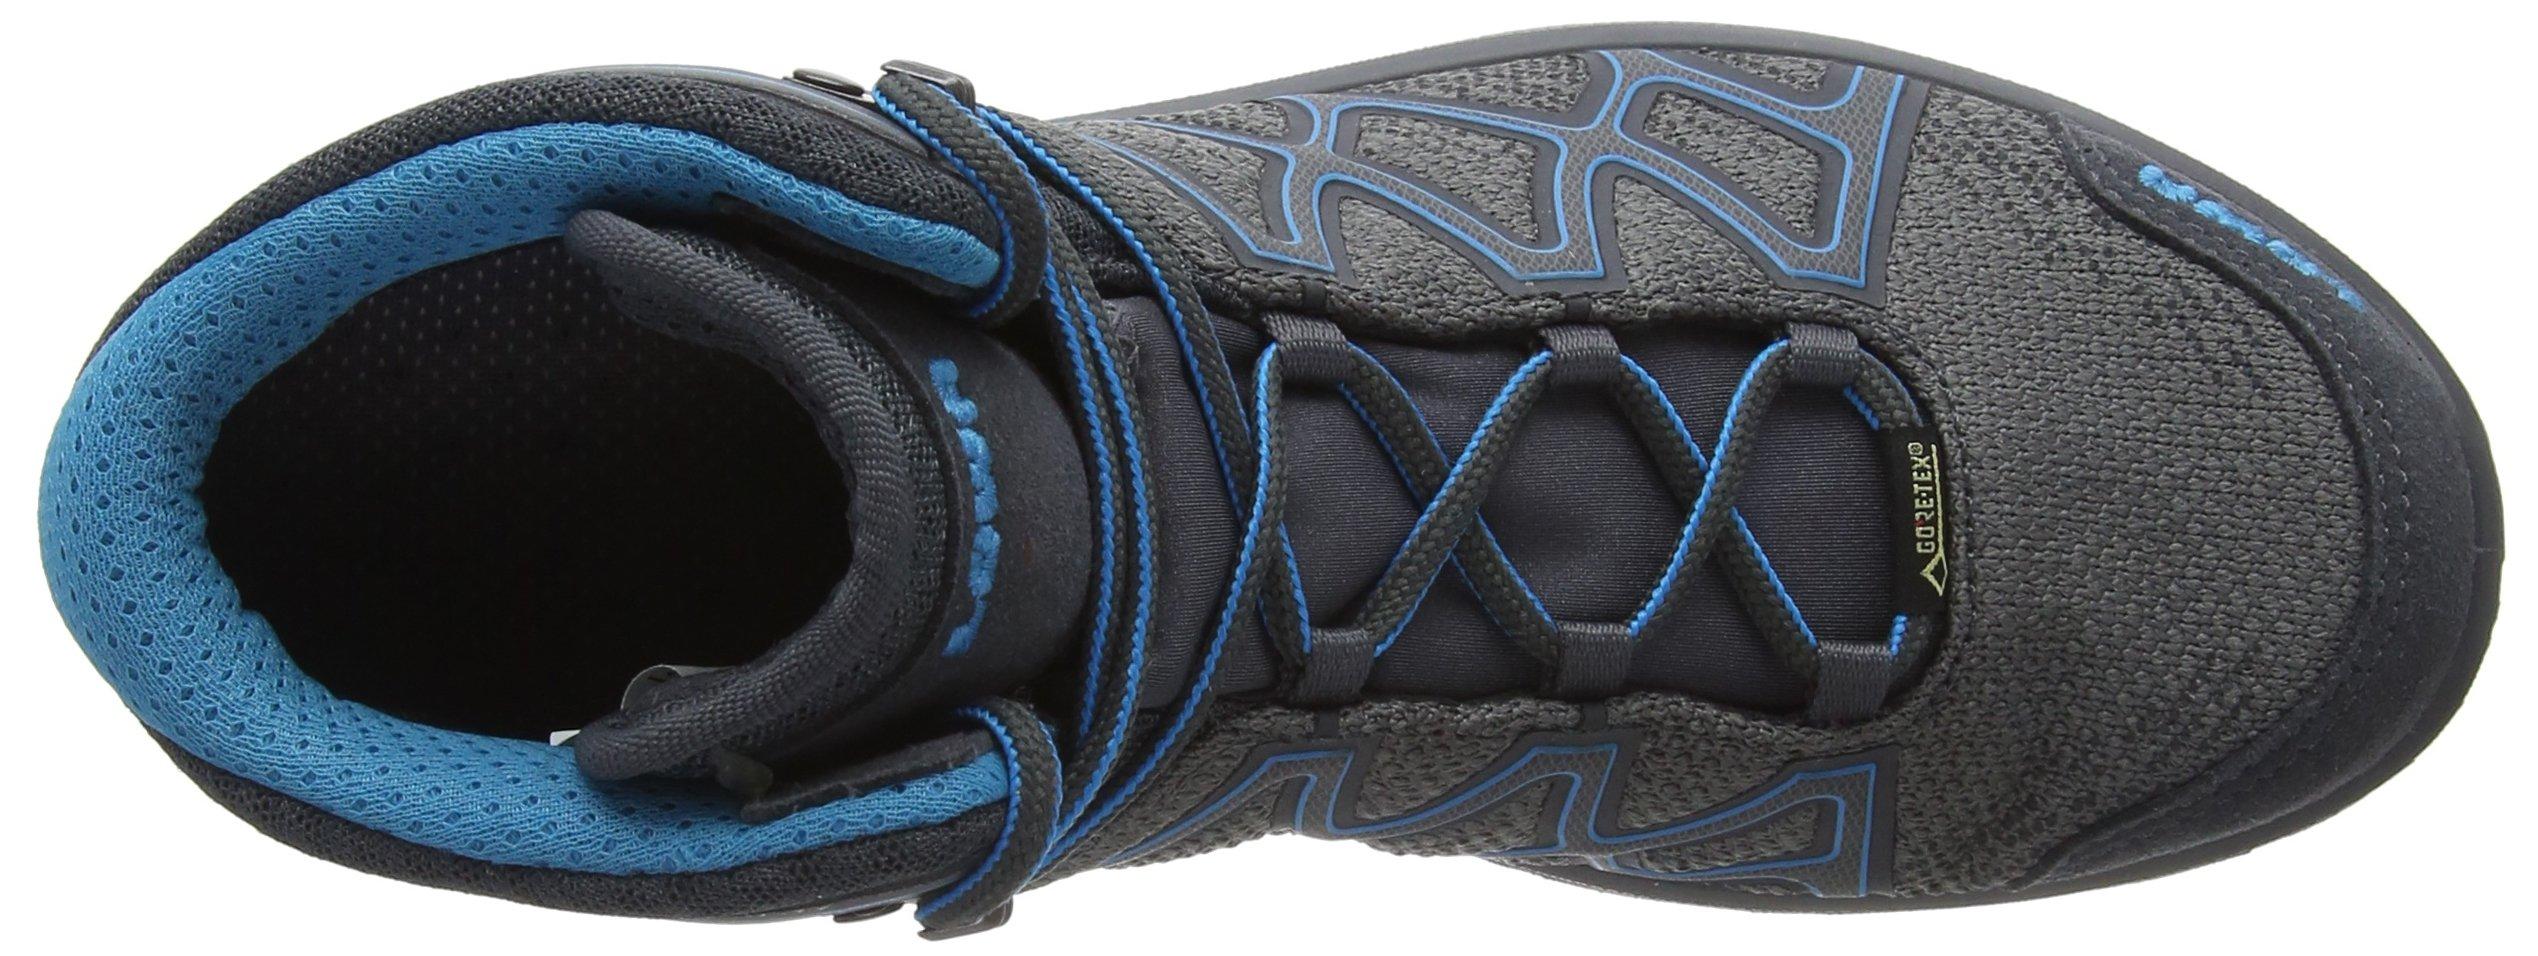 81%2BiZwTtCoL - Lowa Women's AEROX GTX MID W High Rise Hiking Boots